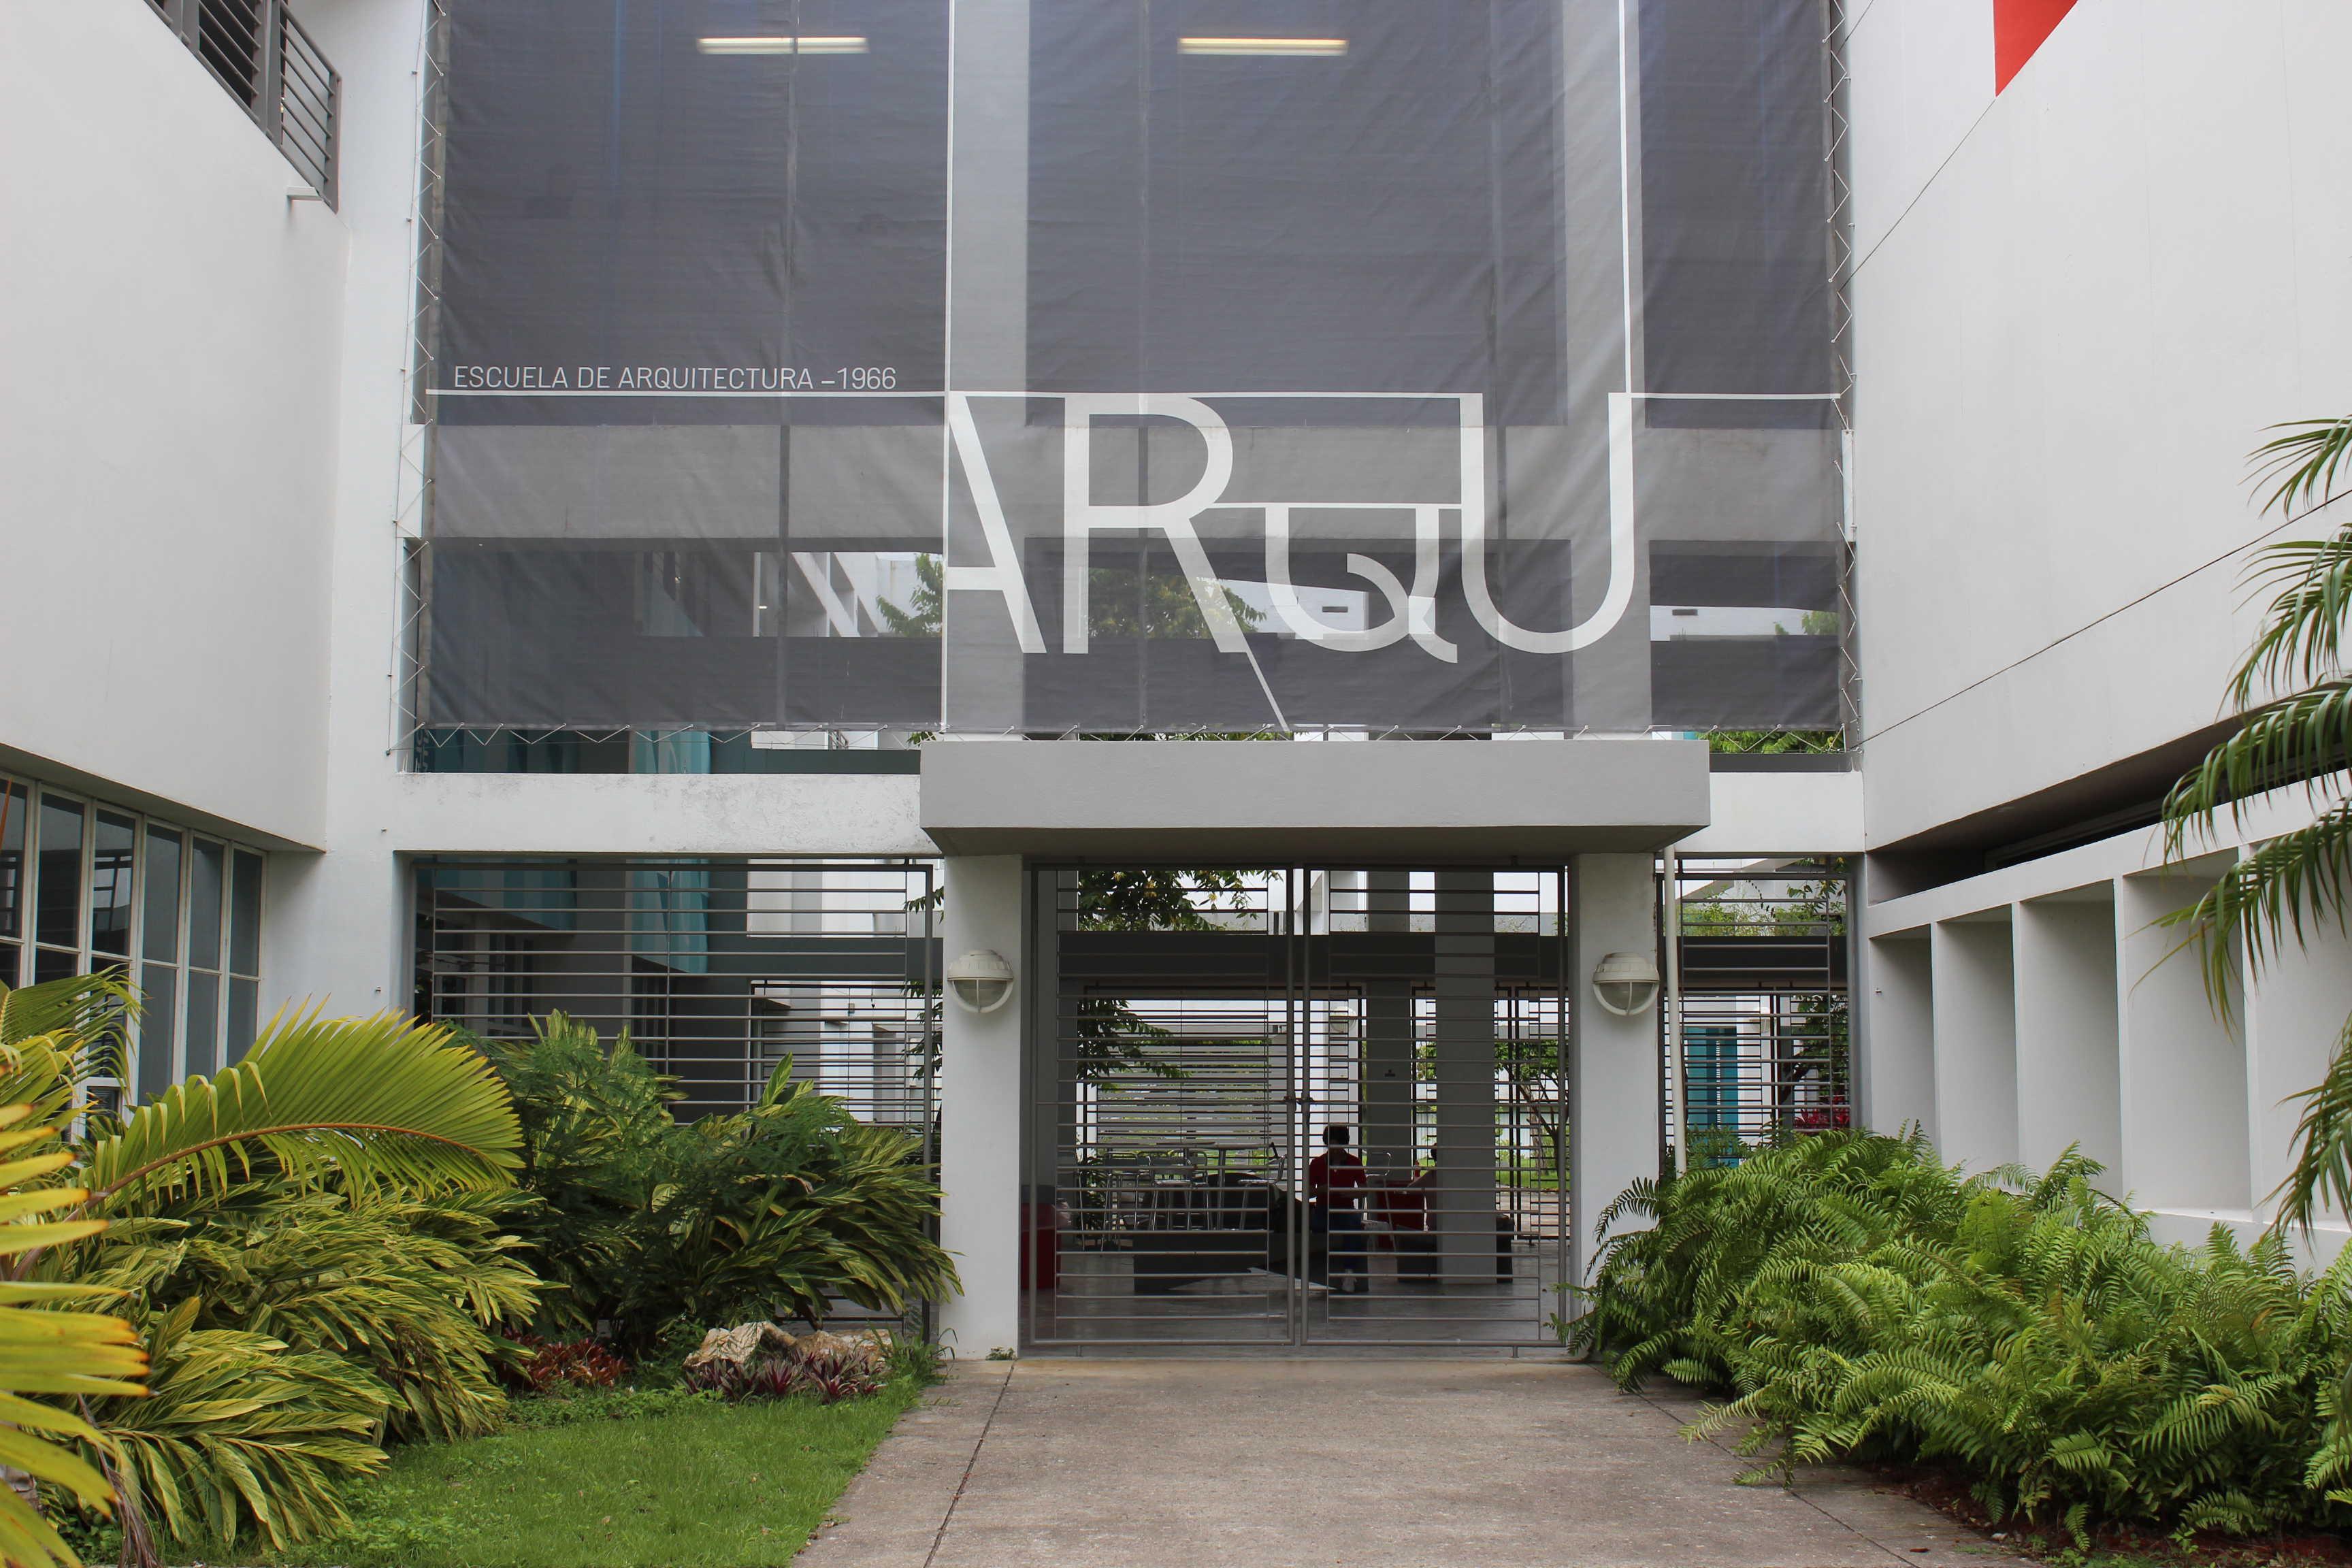 Ofrecen curso electivo centrado en revitalizar la glorieta Rafael Fabián de UPR Río Piedras